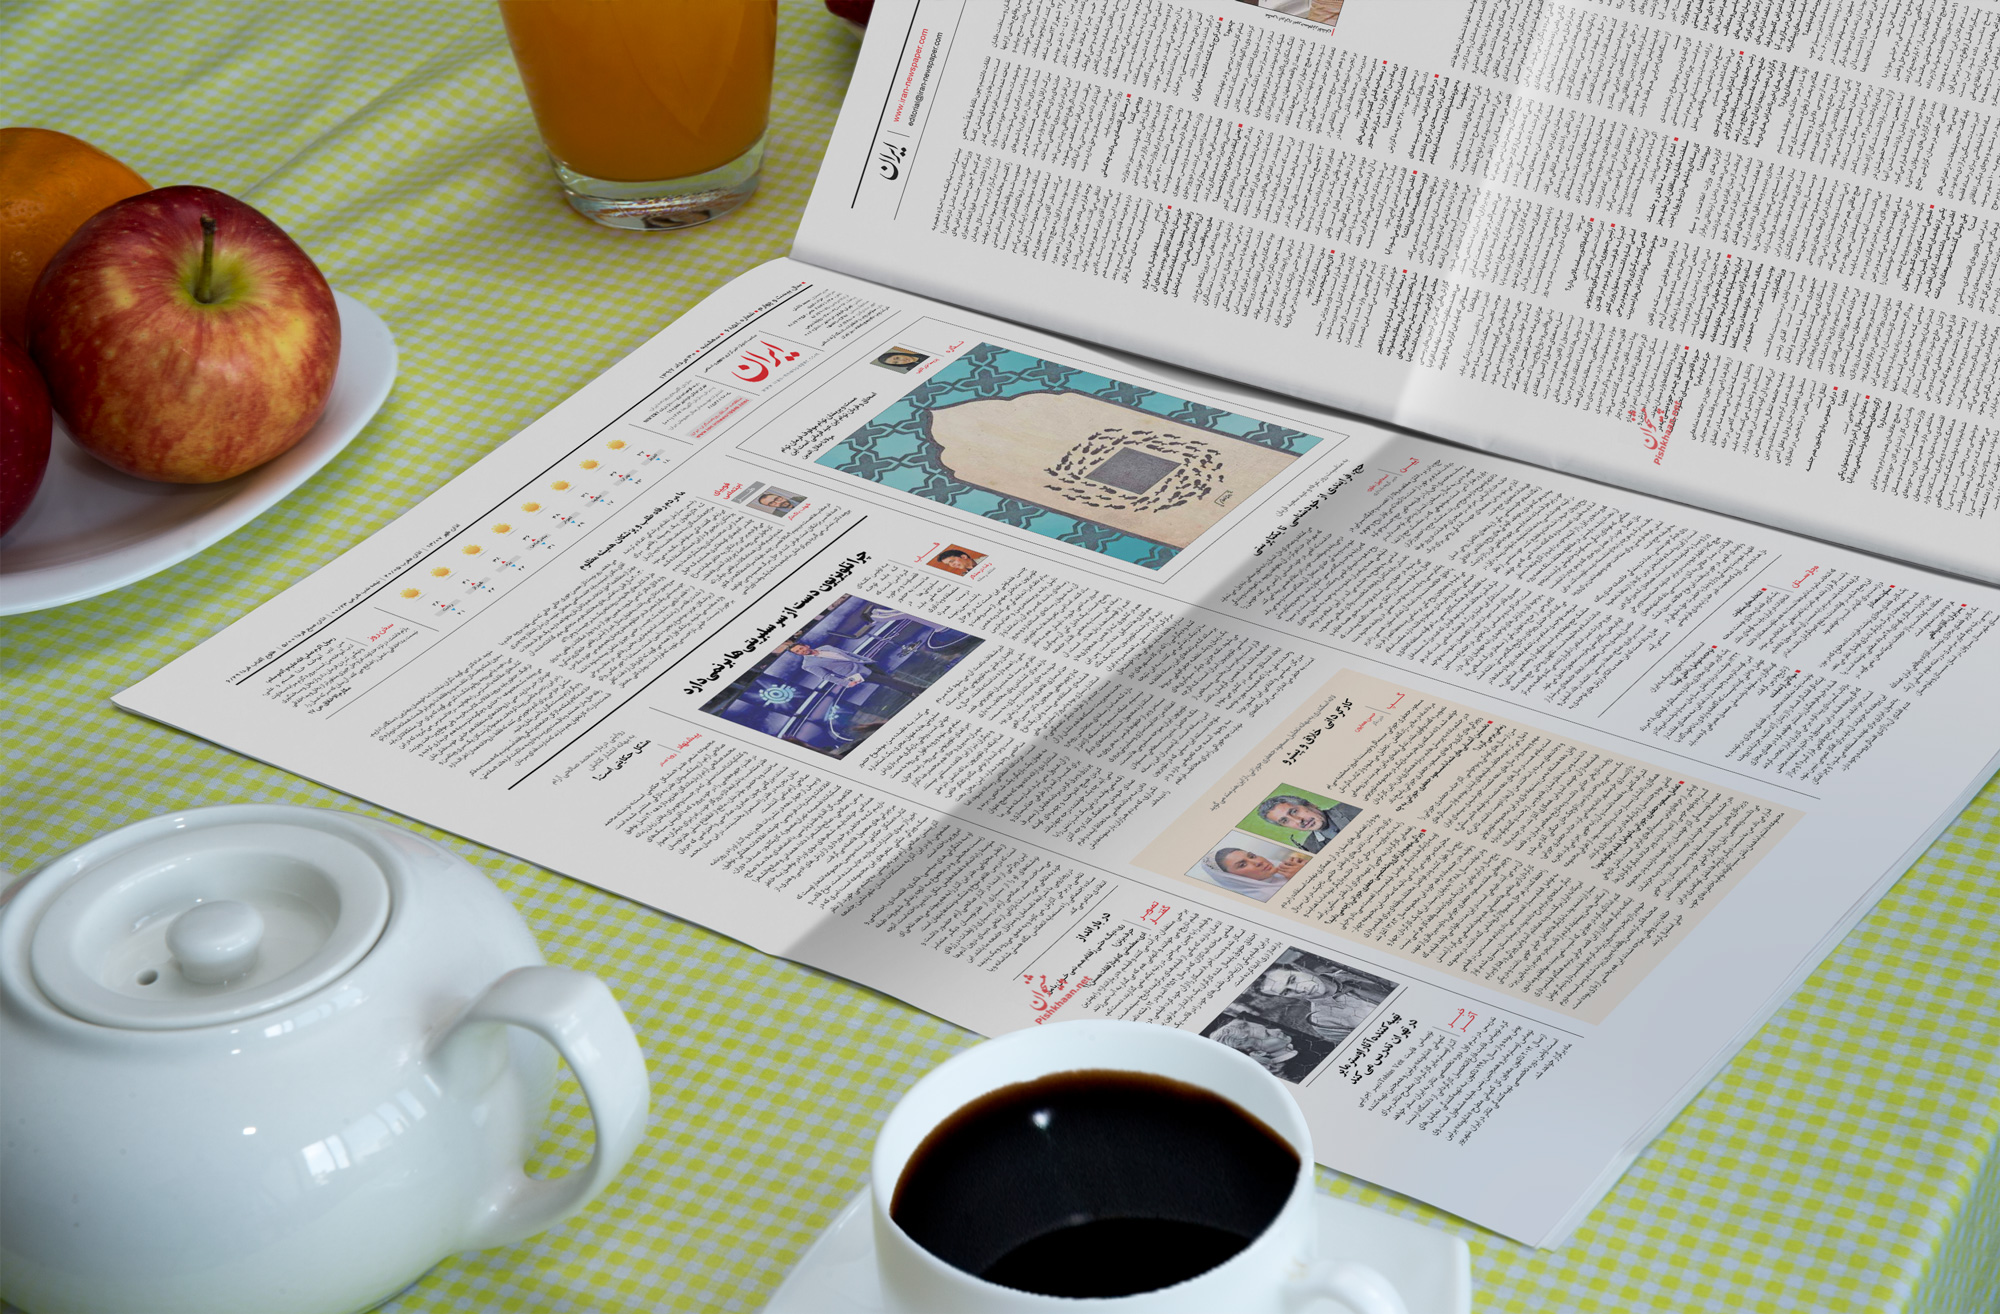 دانلود موکاپ روزنامه صفحات داخلی 2